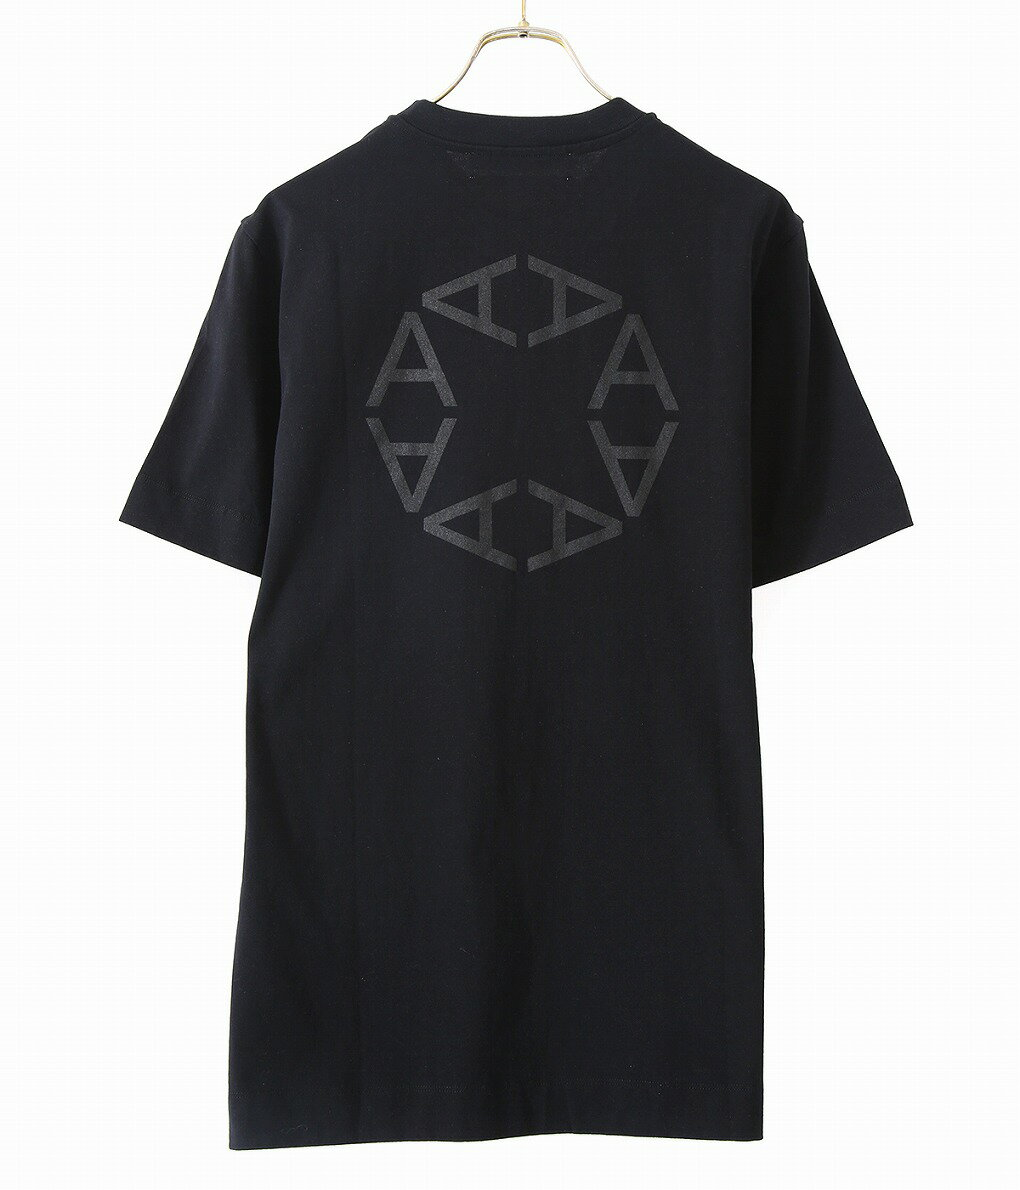 トップス, Tシャツ・カットソー 1017 ALYX 9SM SS TEE WA SPHERE T AAMTS0139FA01 WAX